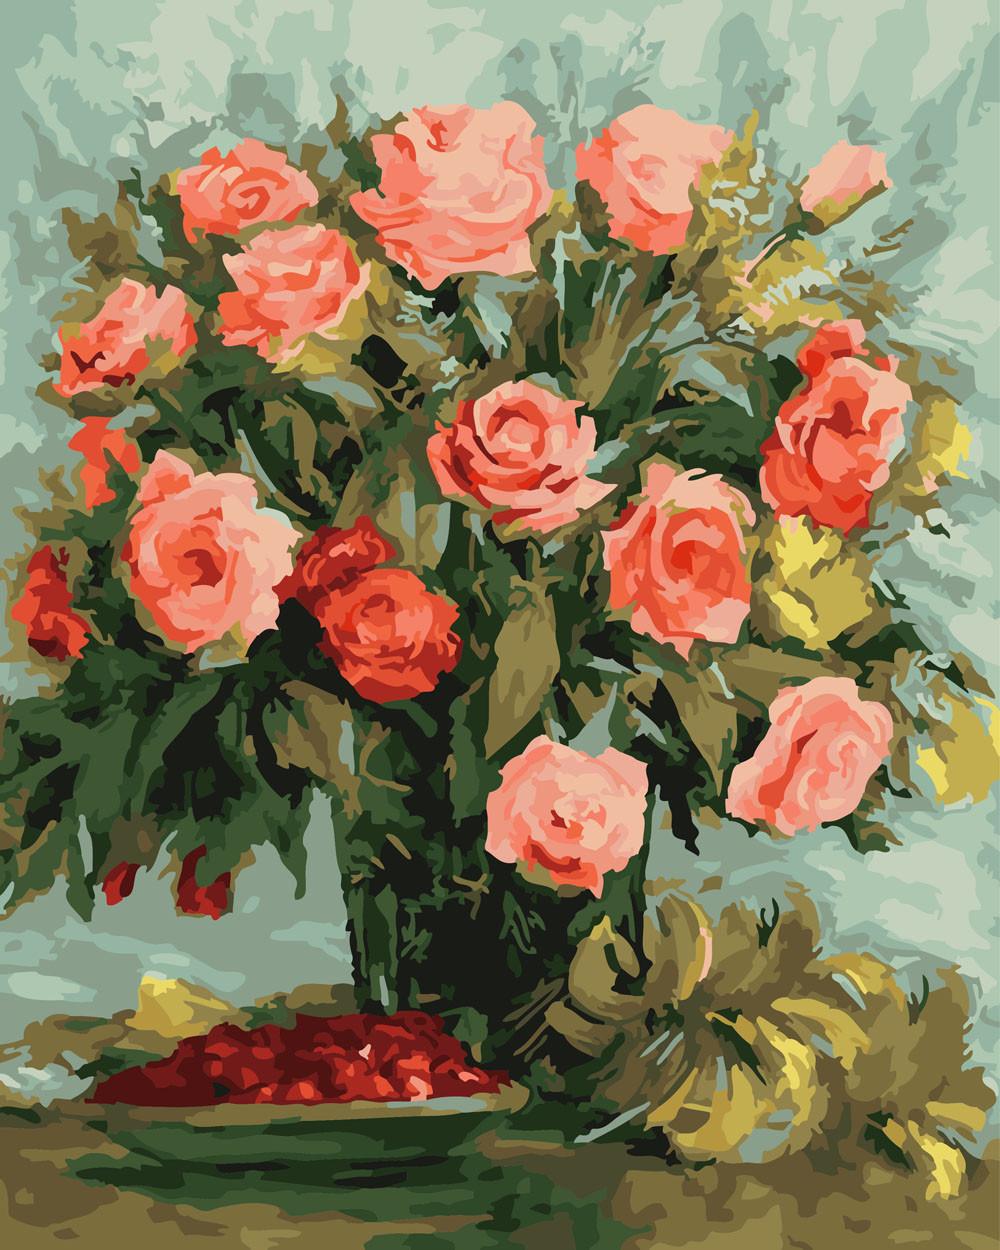 Картина по номерам Нежные розы 40 х 50 см (BK-GX26004)